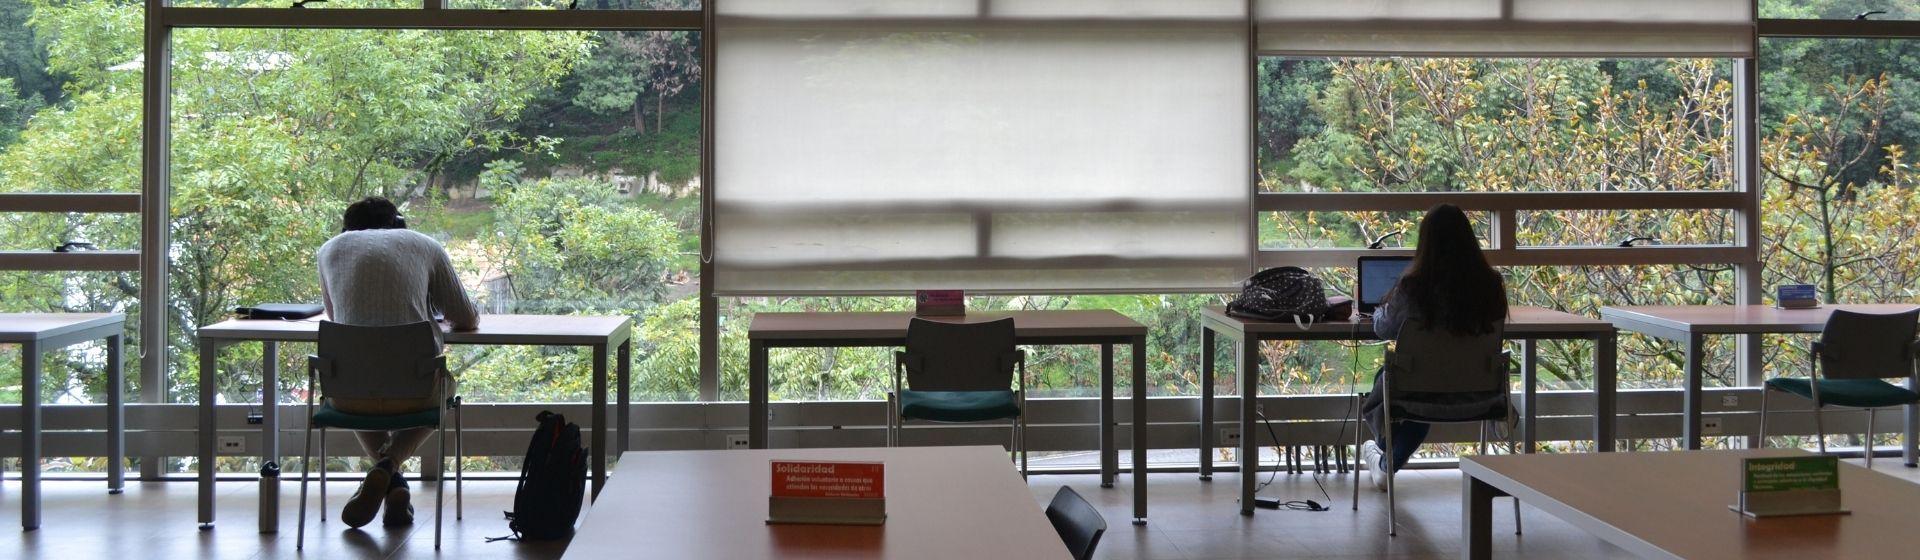 Novedades profesores | Uniandes